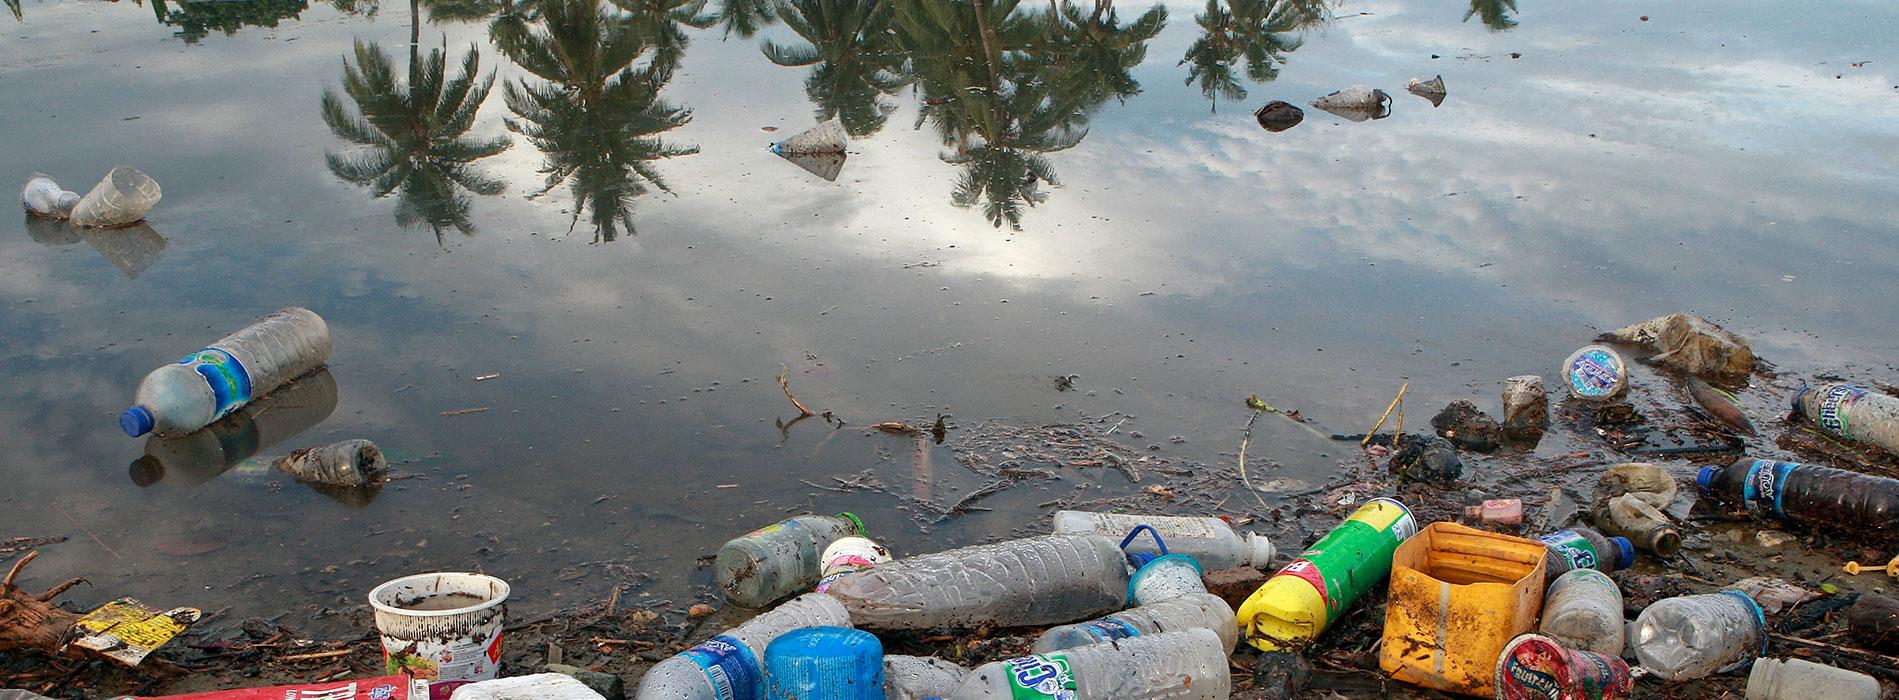 Plast som flyter på en flod i Timor-Lesta